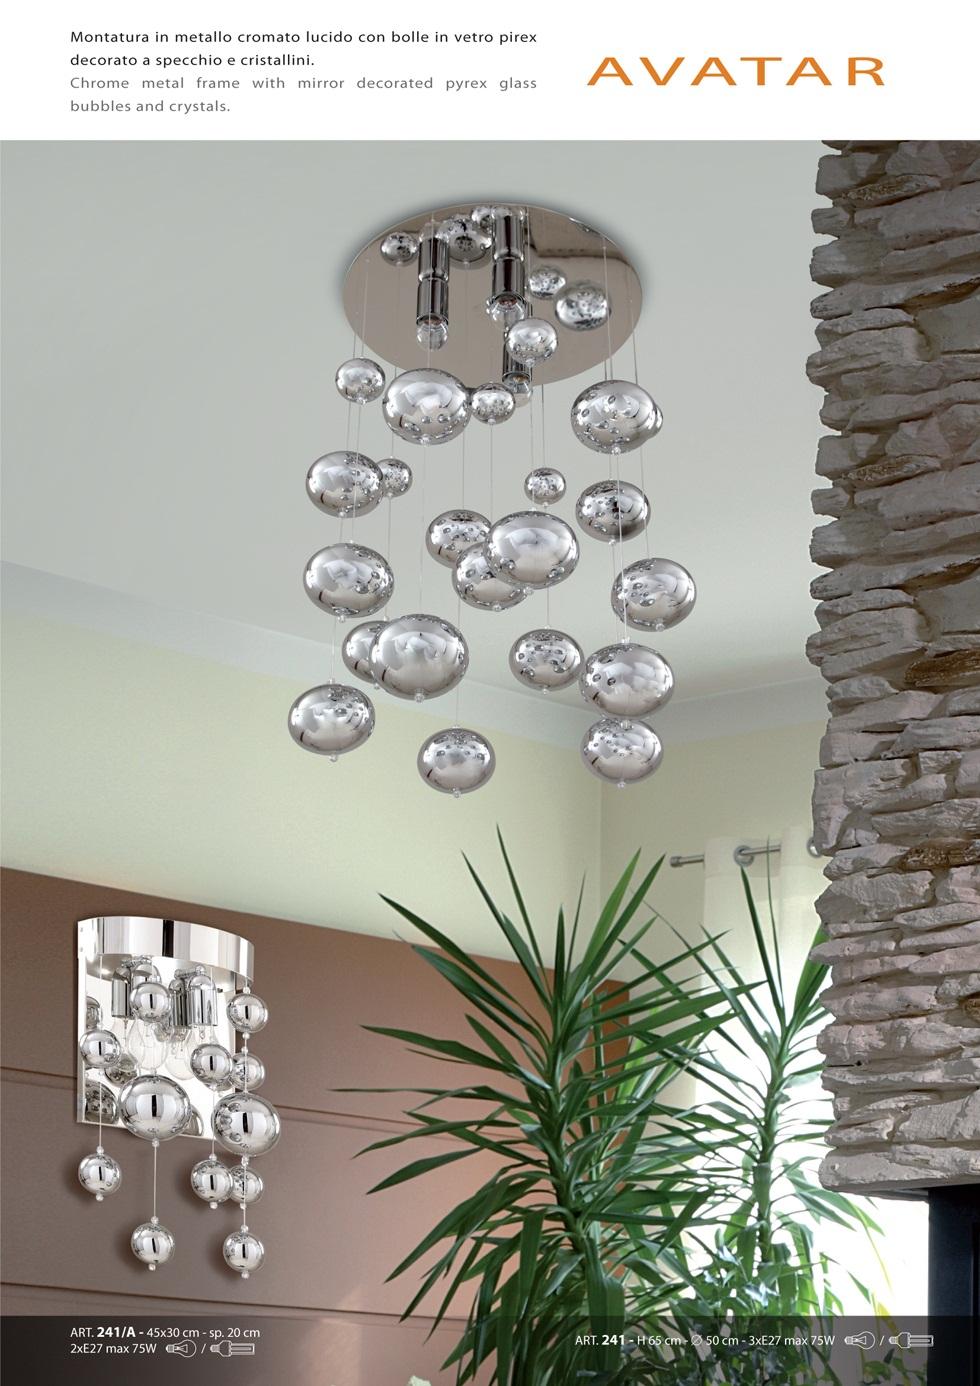 lampadari sillux : Padana Lampadari Applique Avatar 241 A - Vendita lampadari online